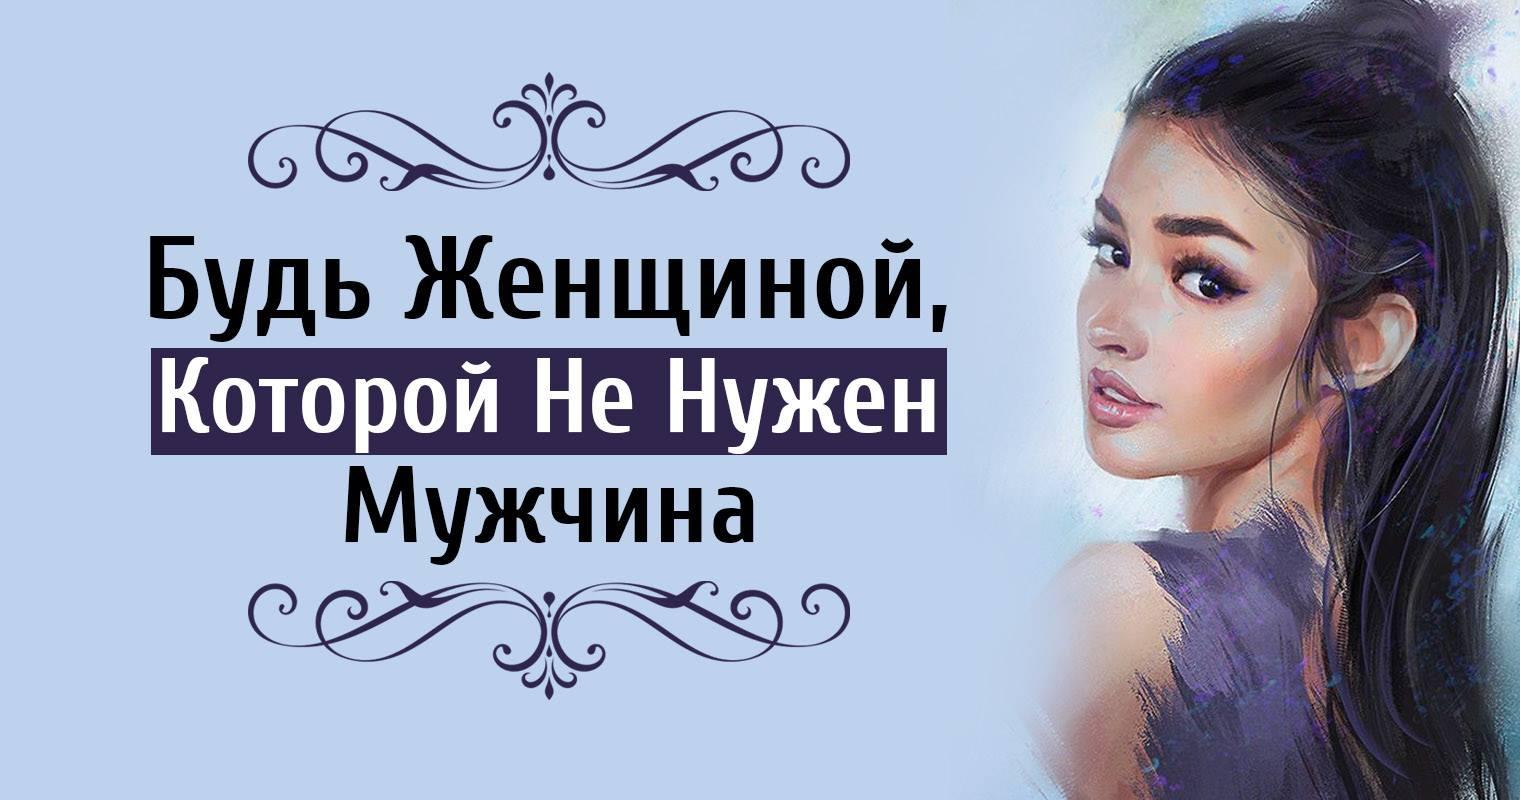 Будь женщиной, которой не нужен мужчина